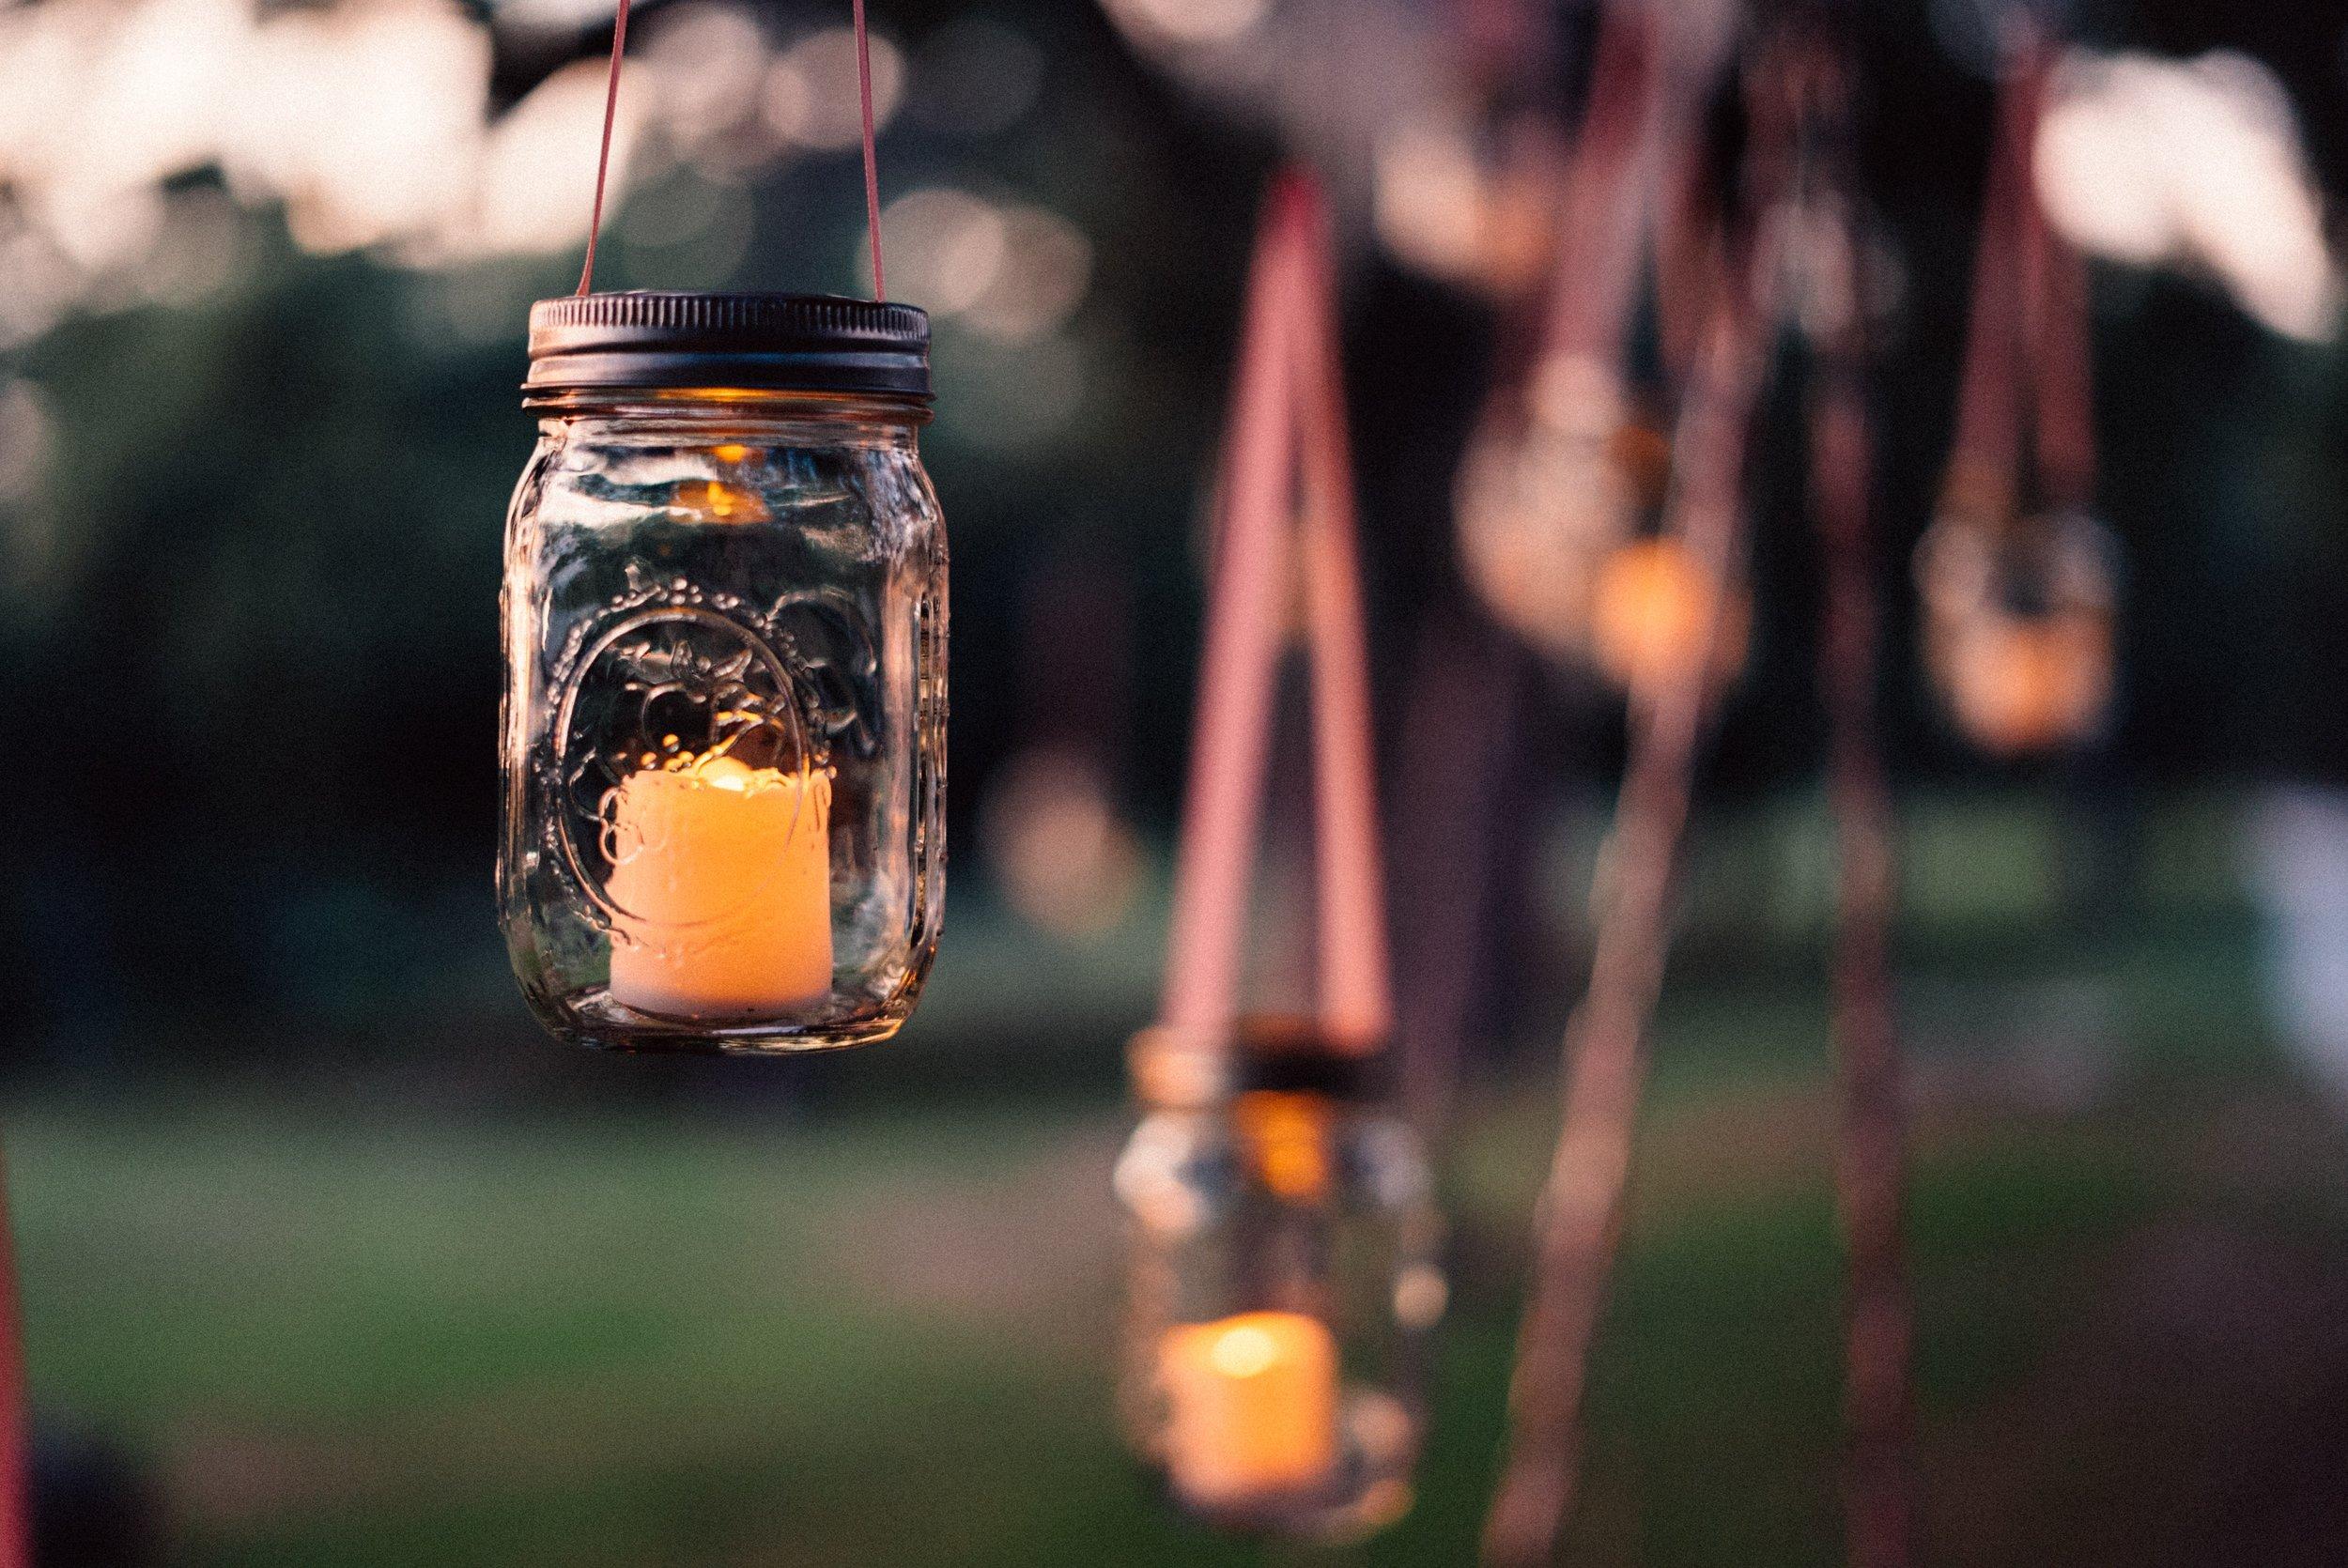 reuse-jars.jpg